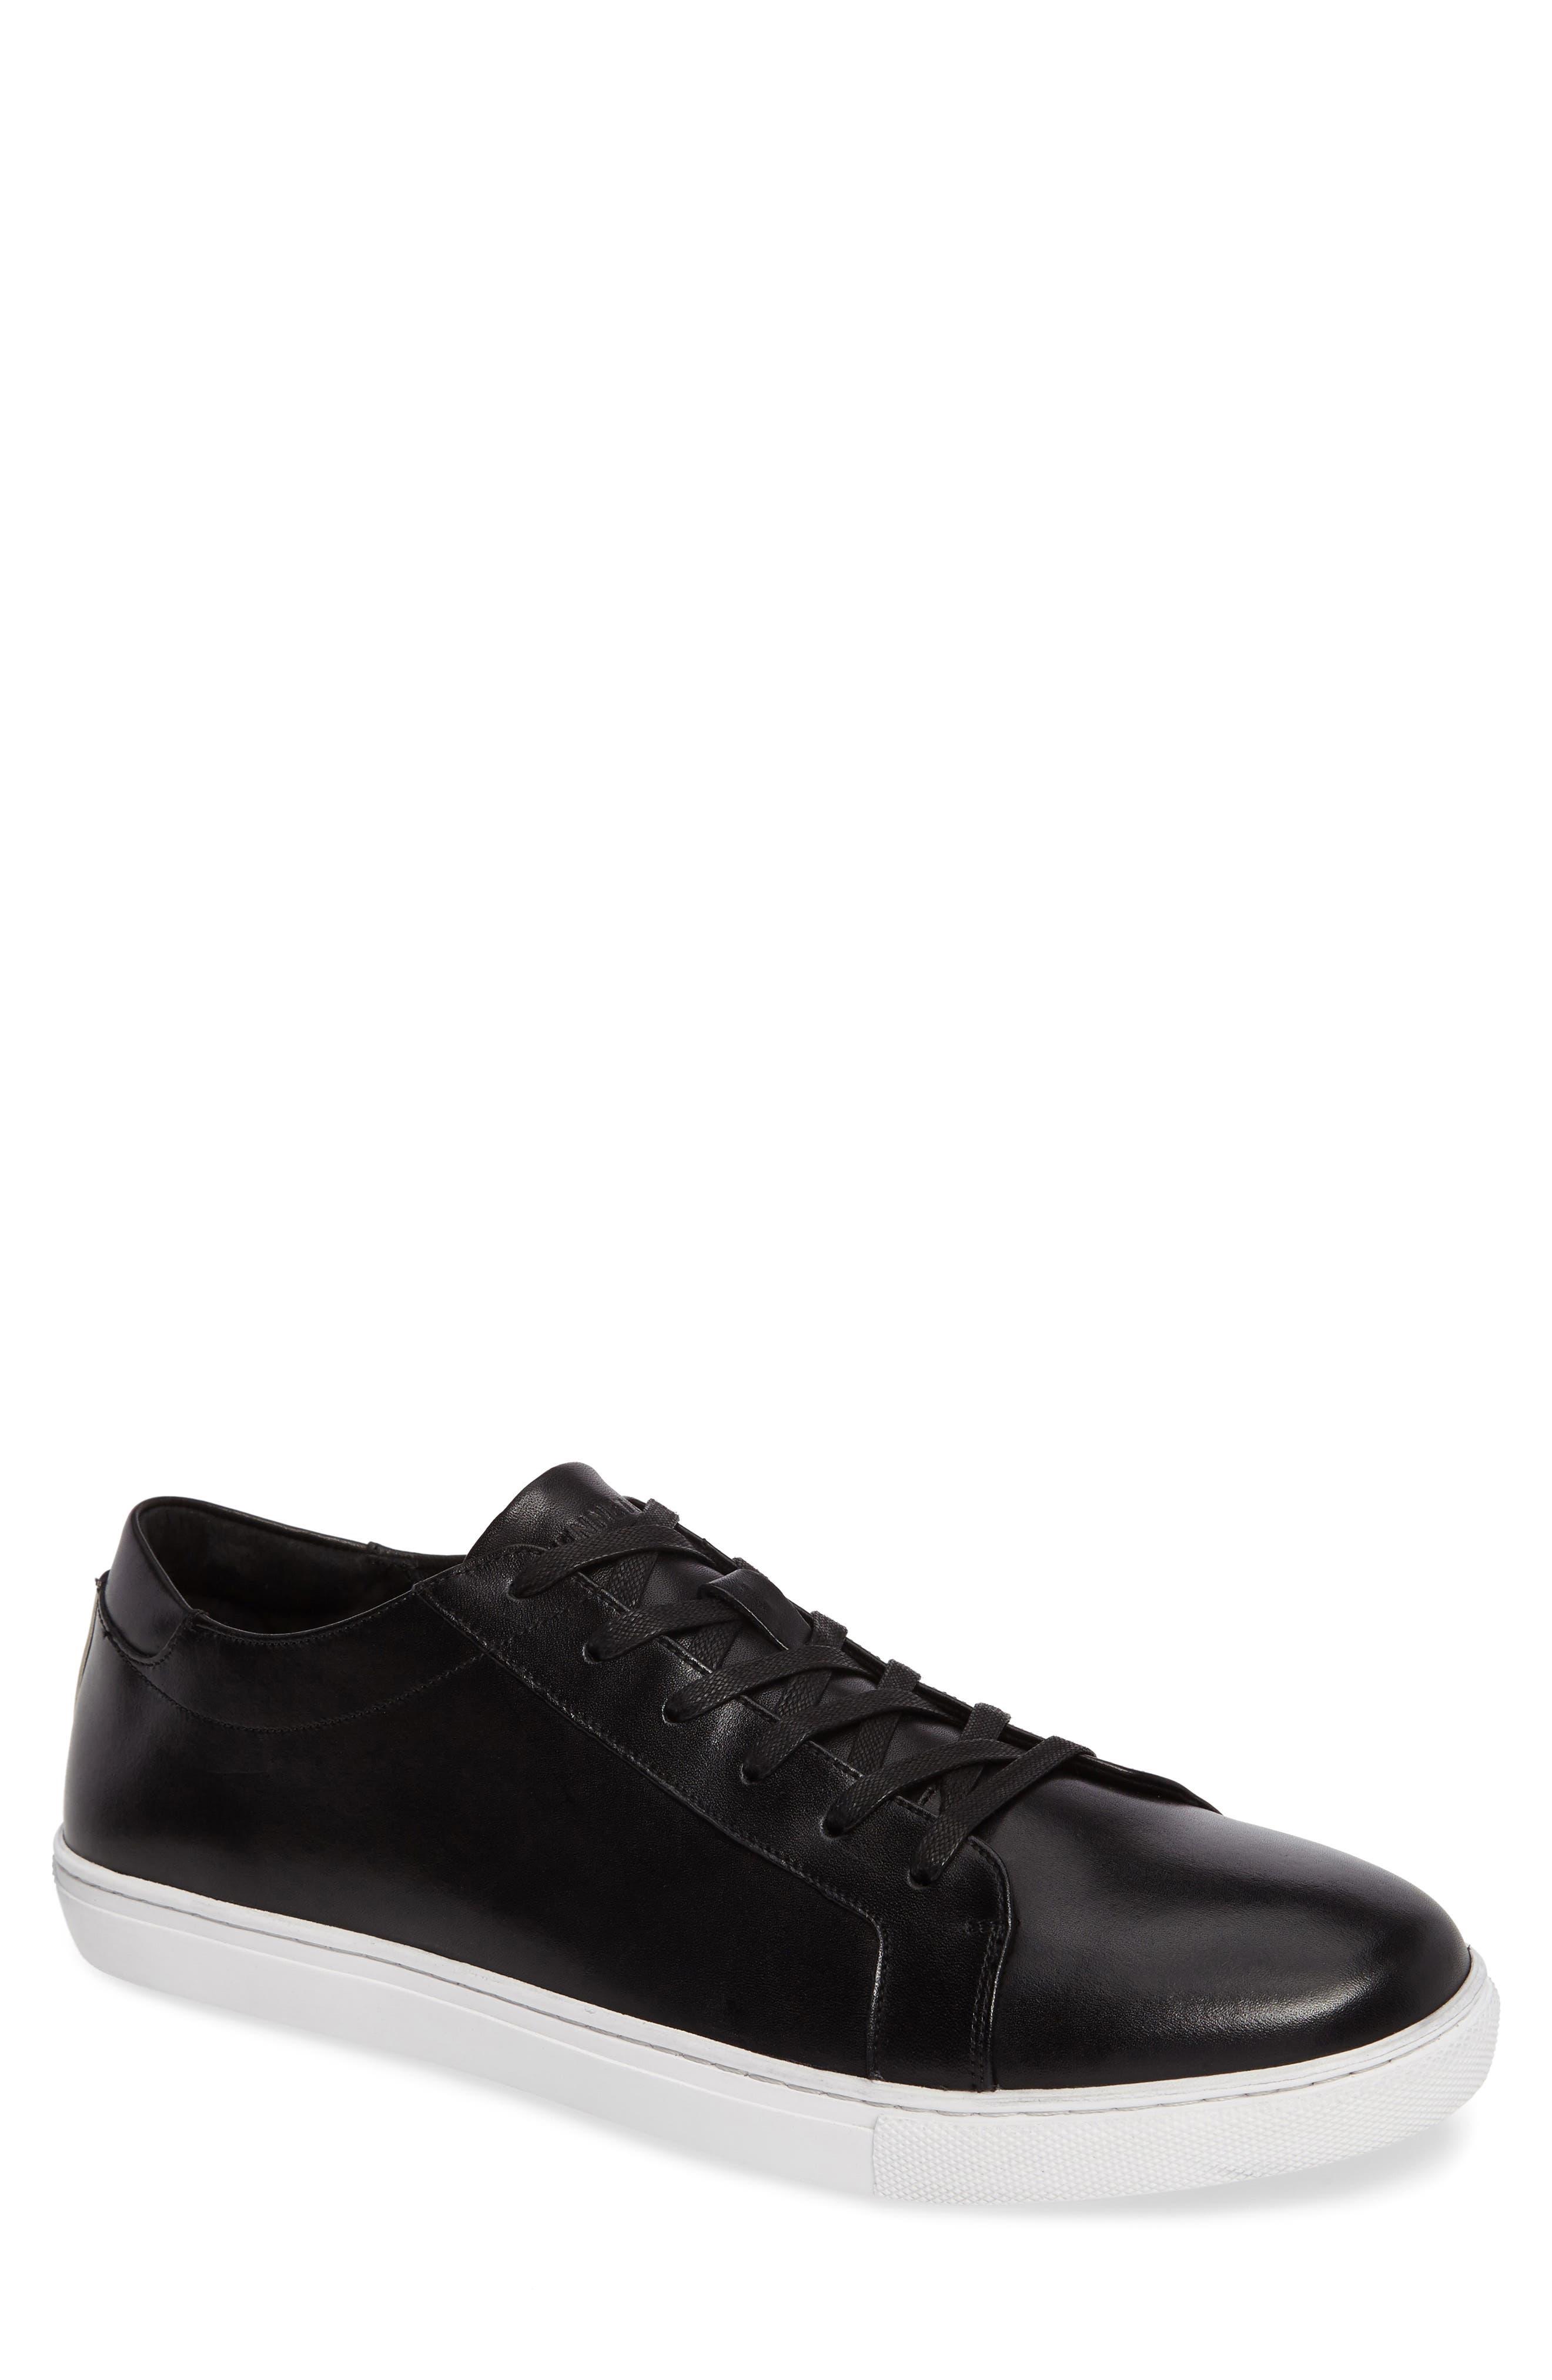 Kam Sneaker,                             Main thumbnail 1, color,                             001